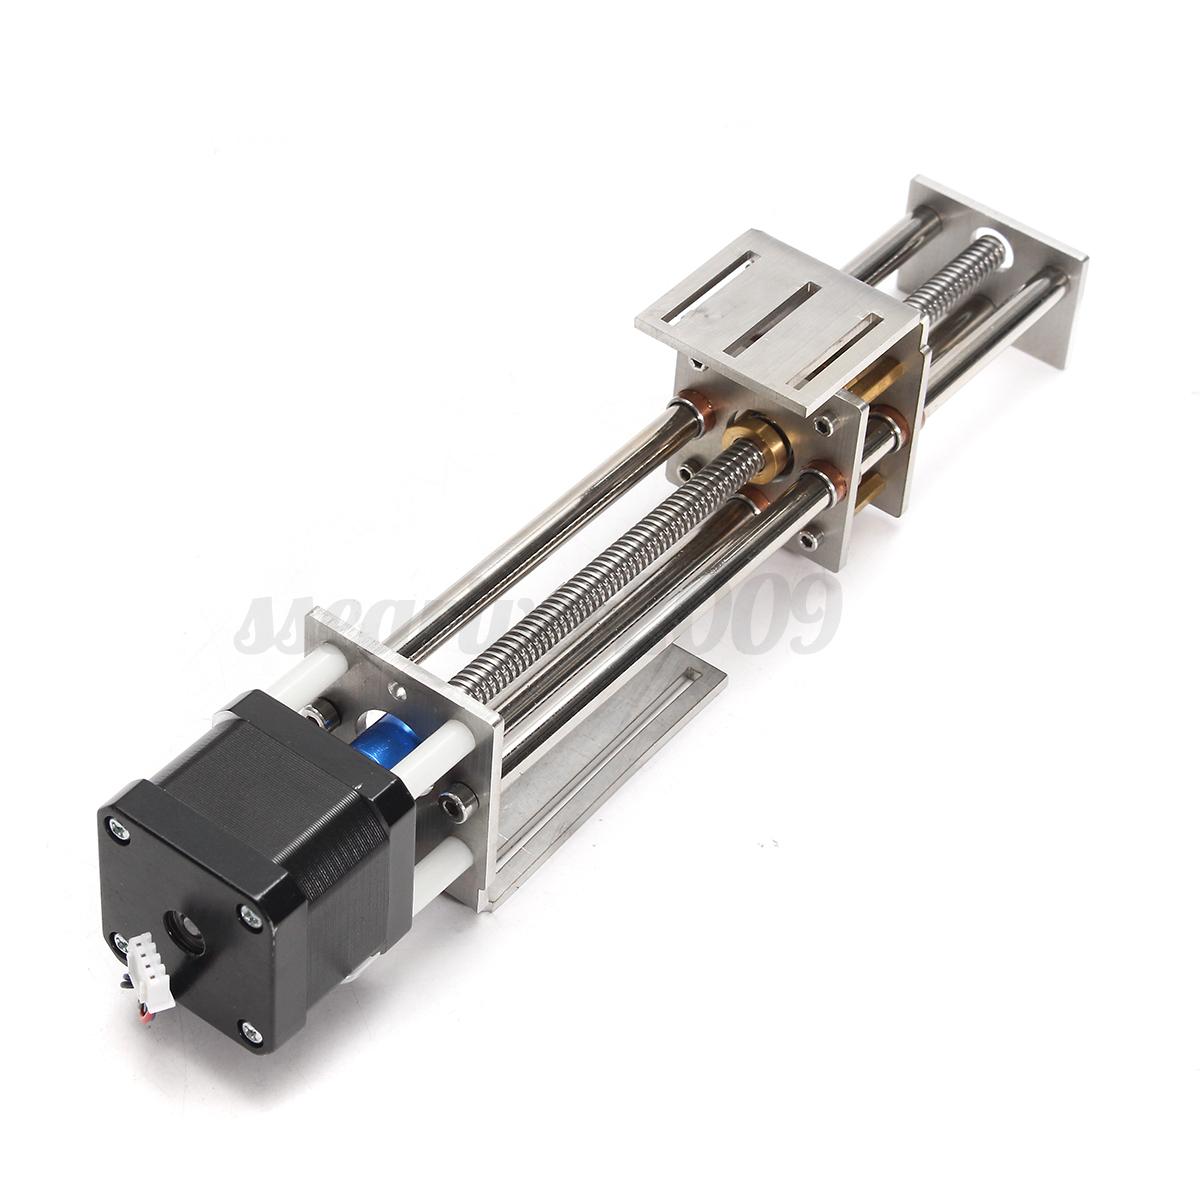 150mm Slide Stroke Cnc Z Axis Linear Motion Stepper Motor